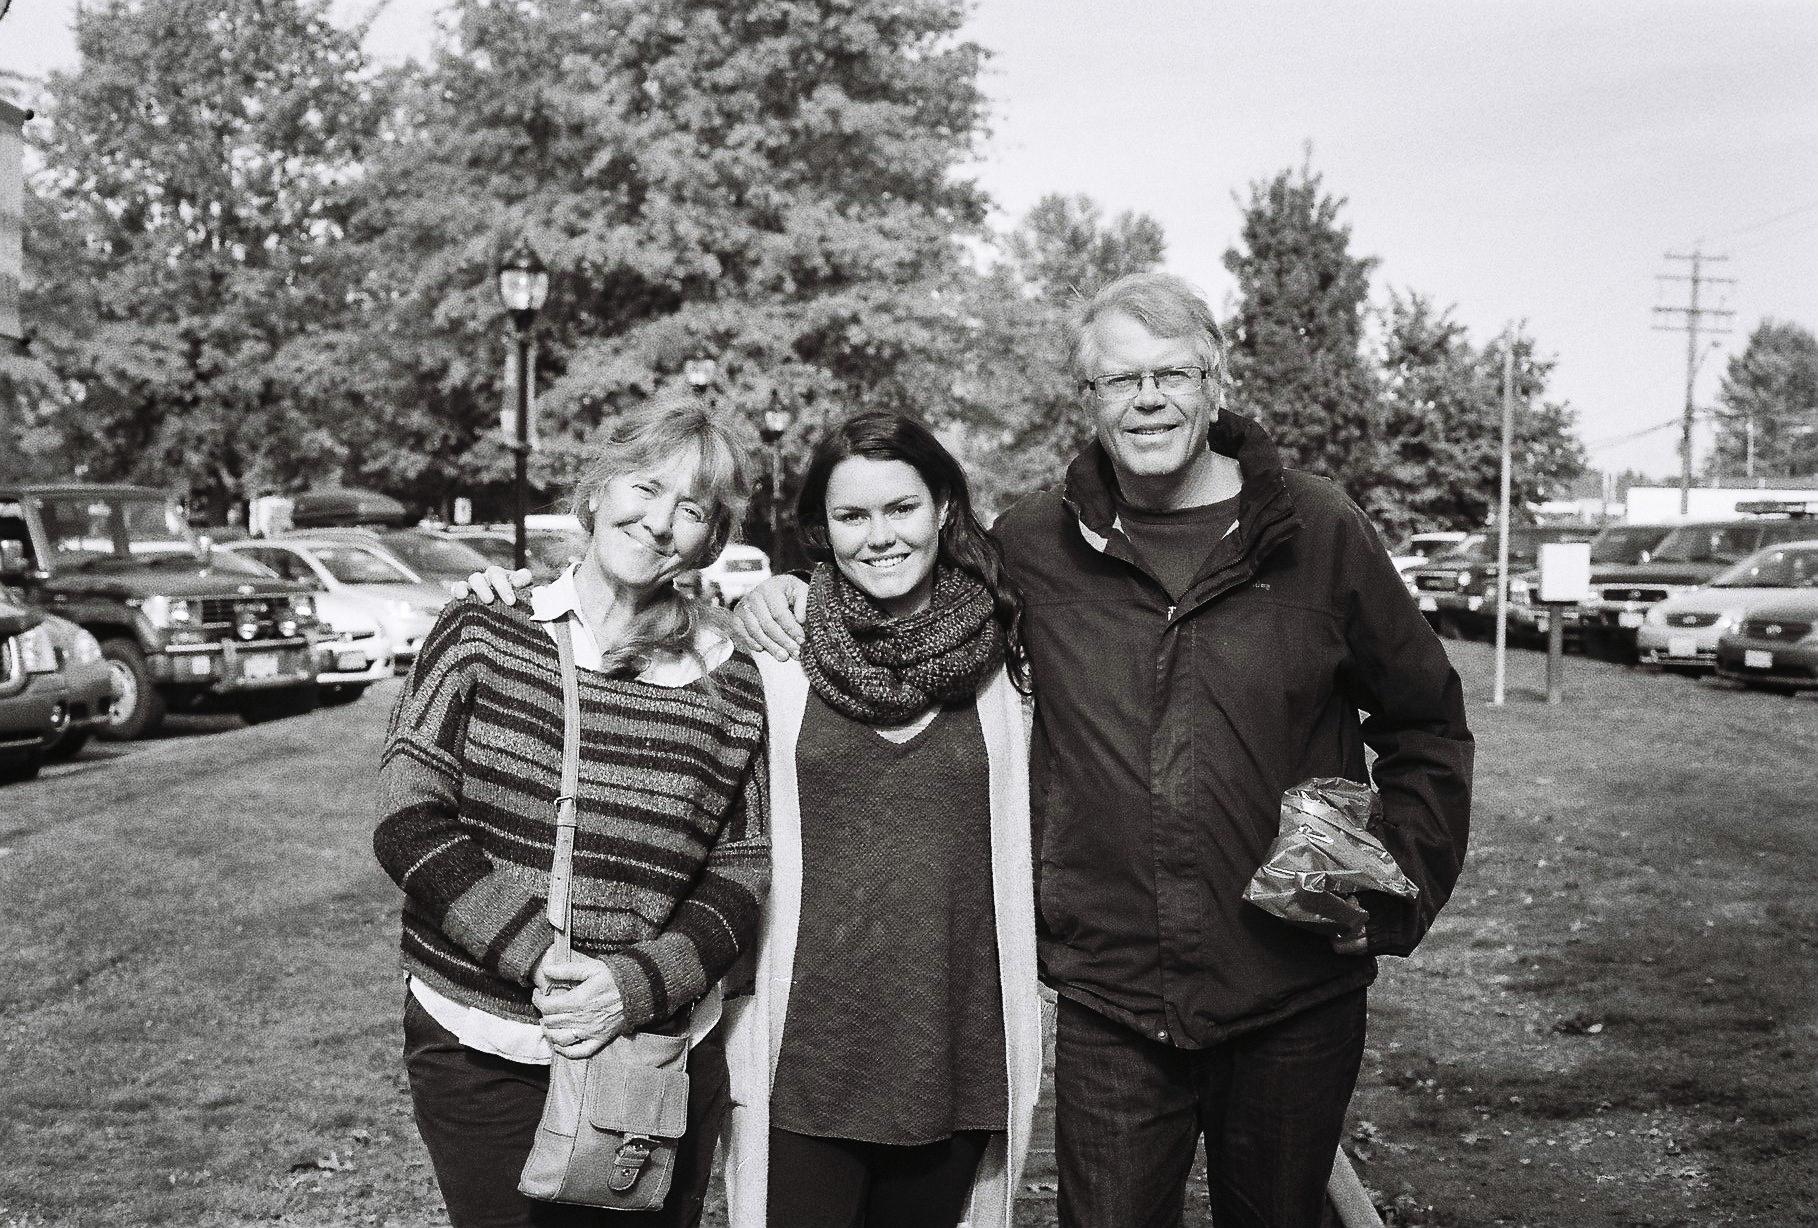 Tasker-Steeves family